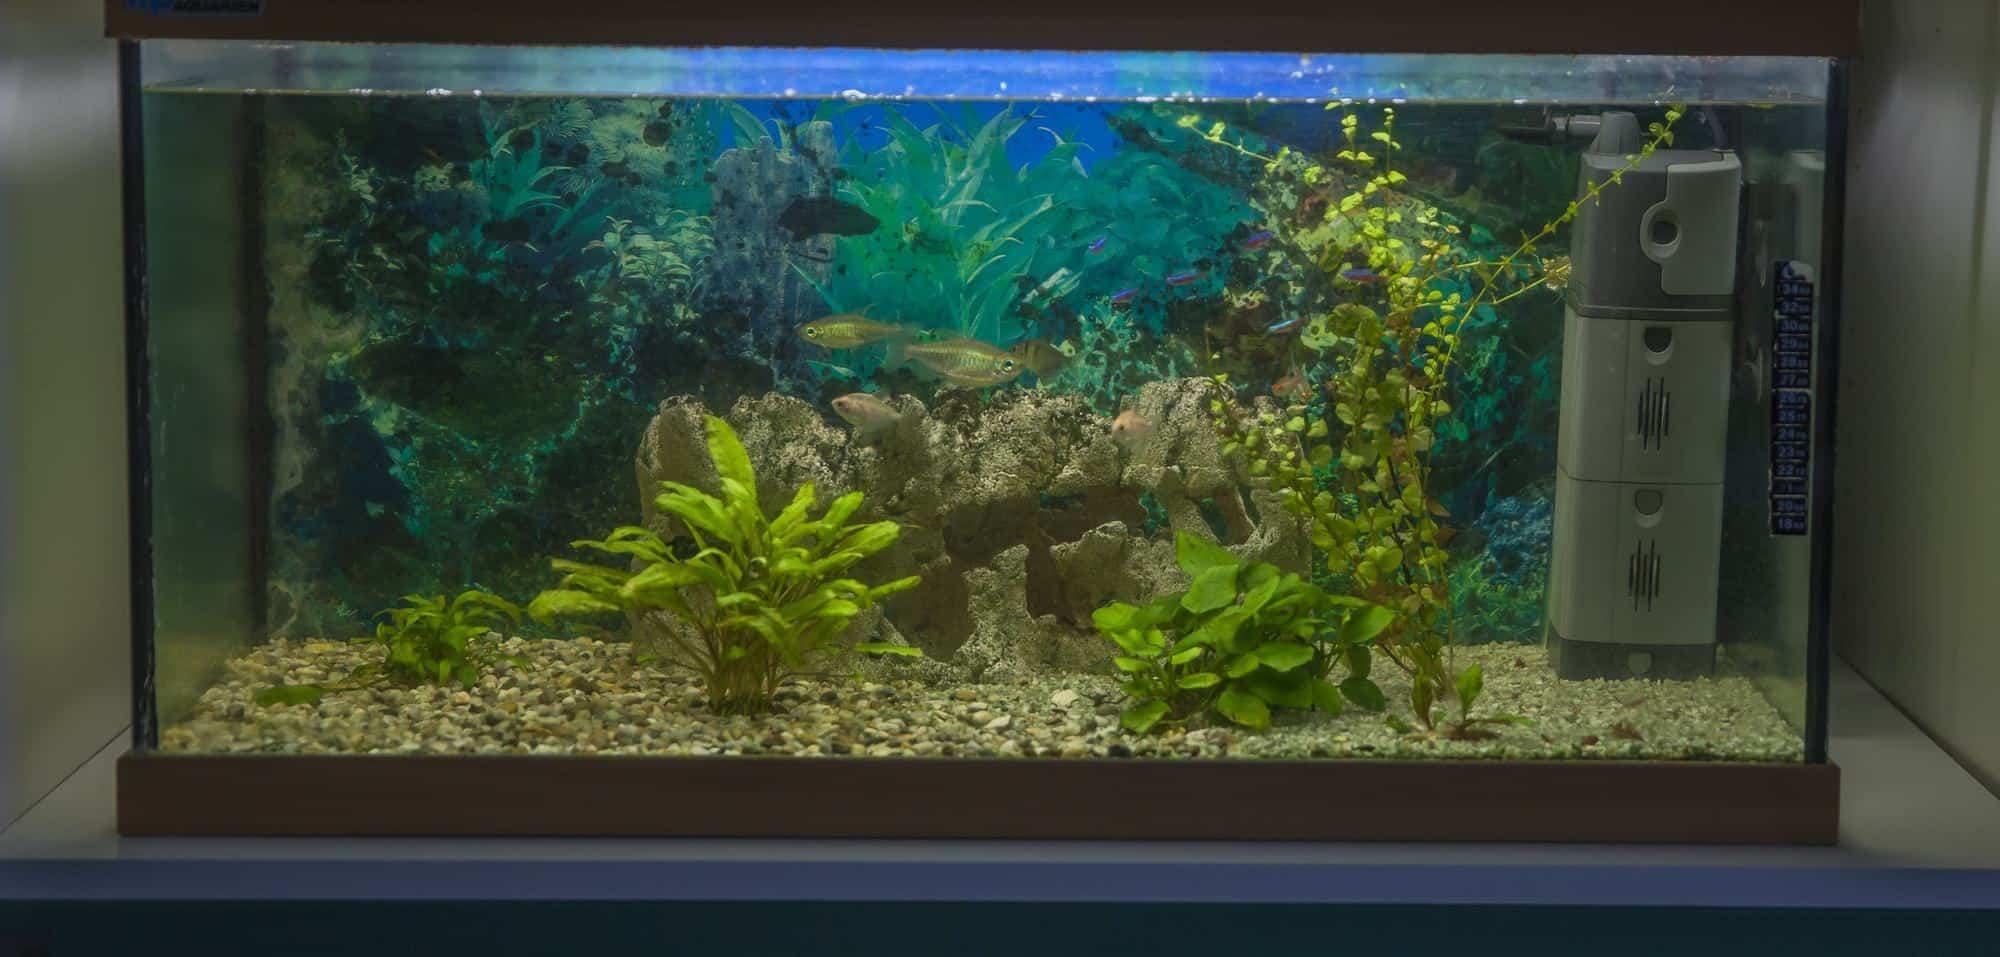 75 gallon freshwater aquarium